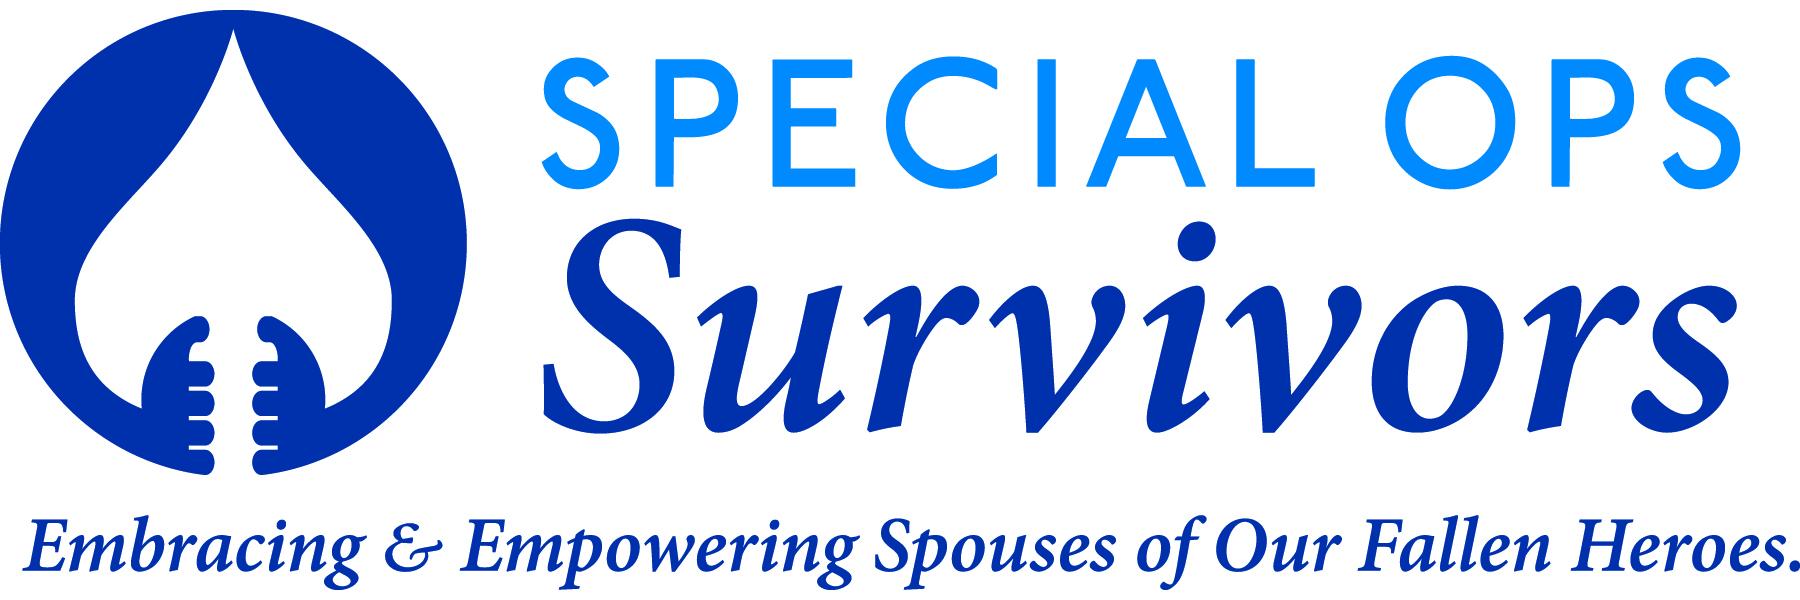 Special Ops Survivors.jpg